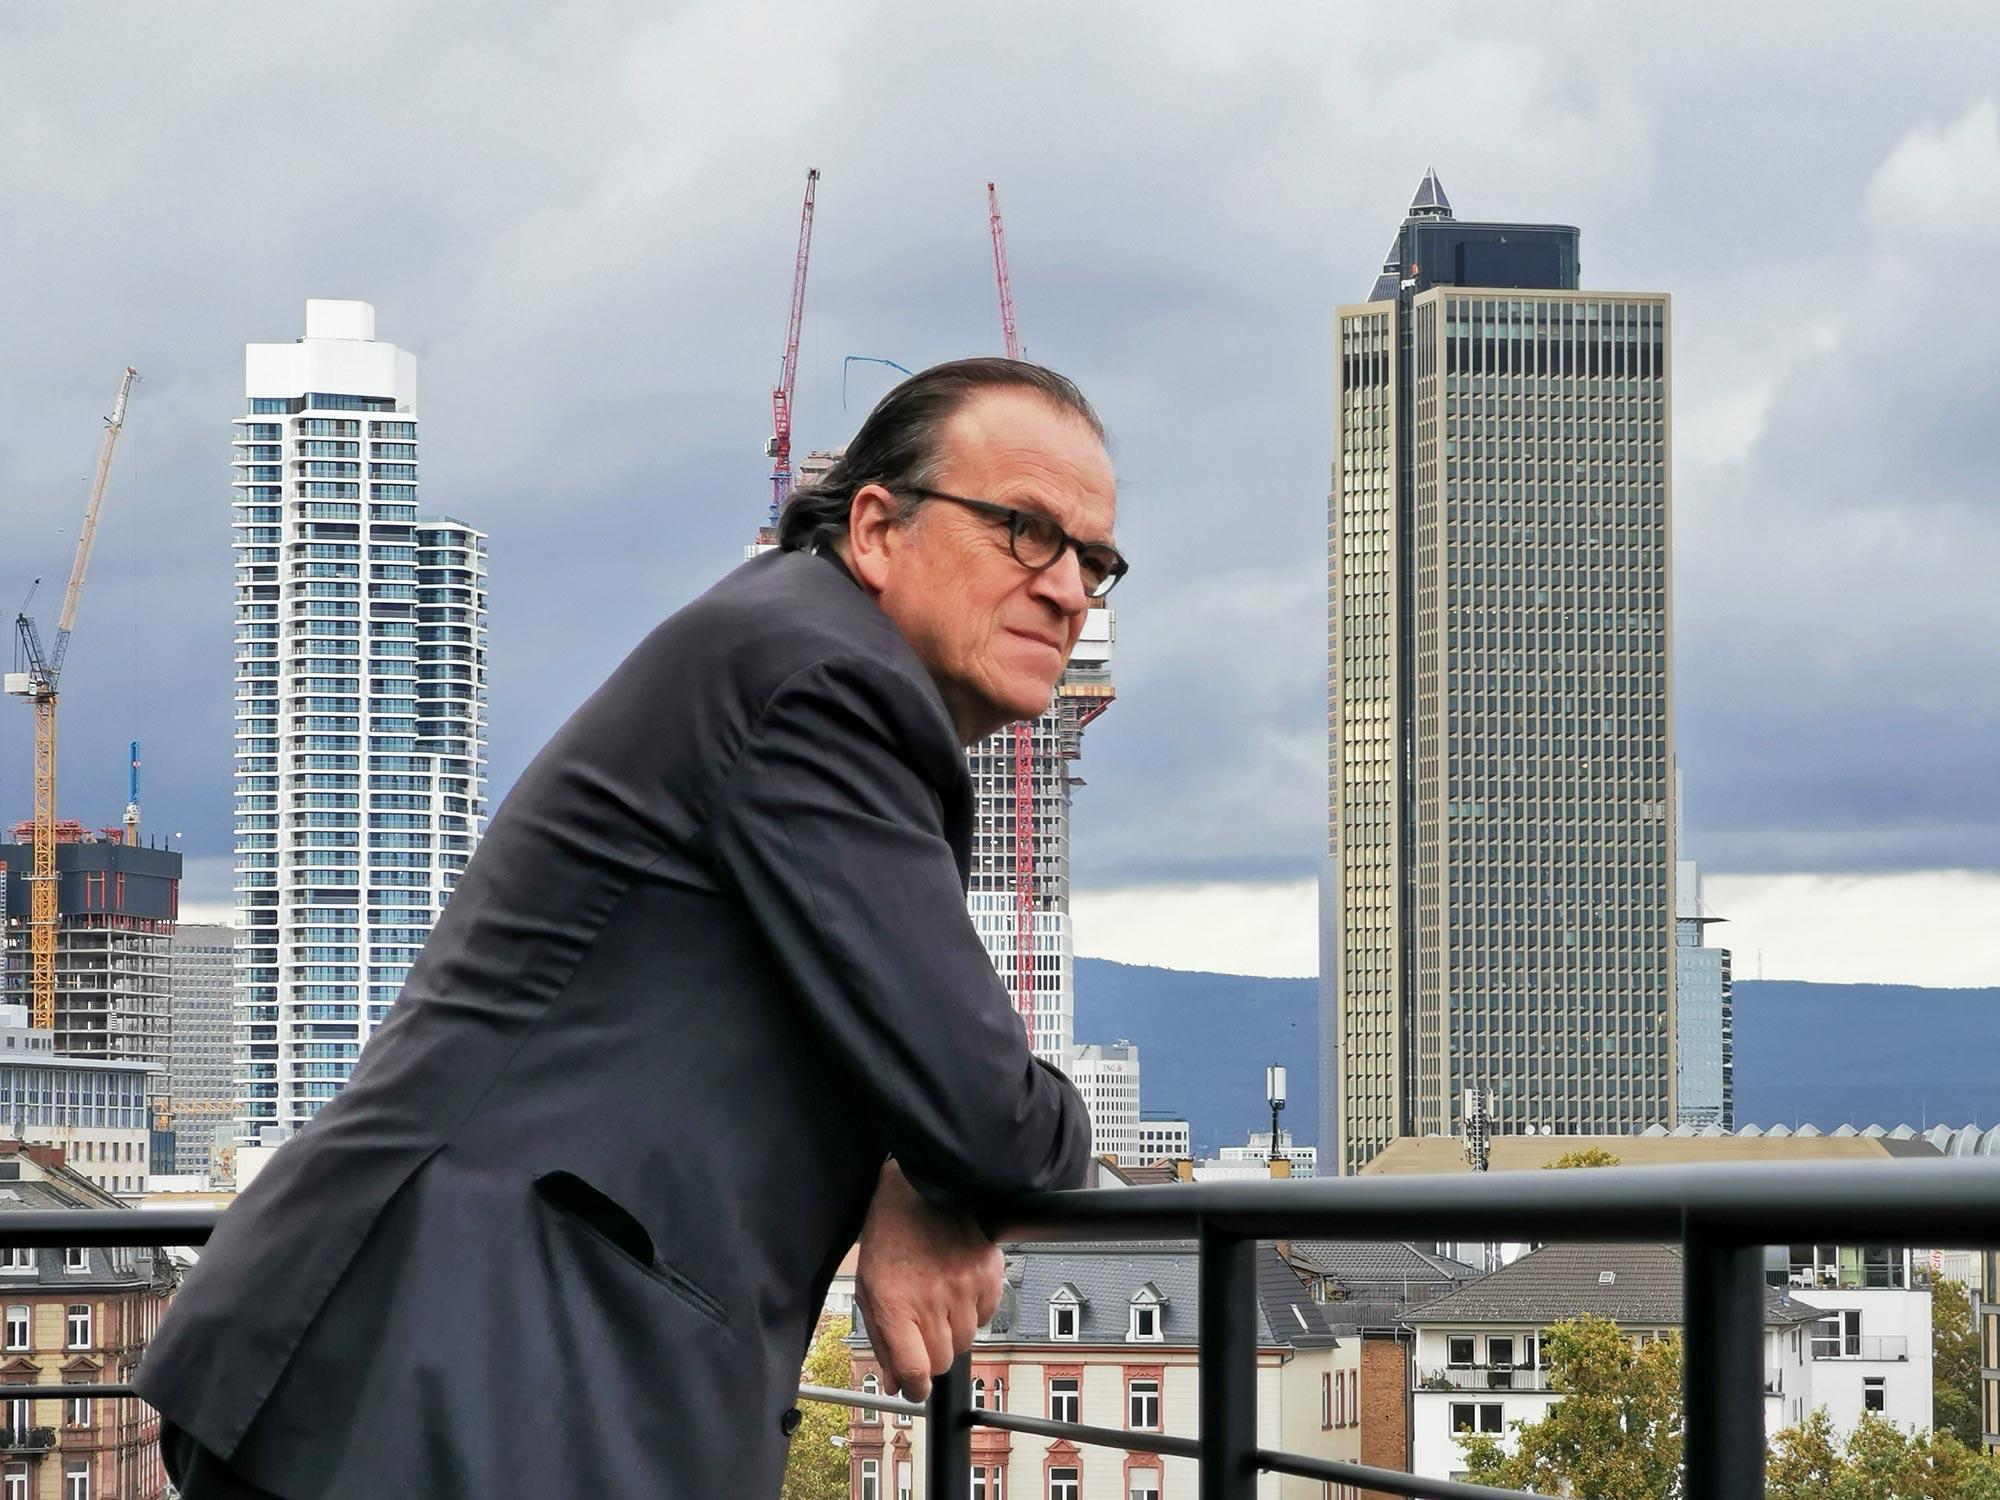 Interview mit Christoph Mäckler über Architektur in Frankfurt